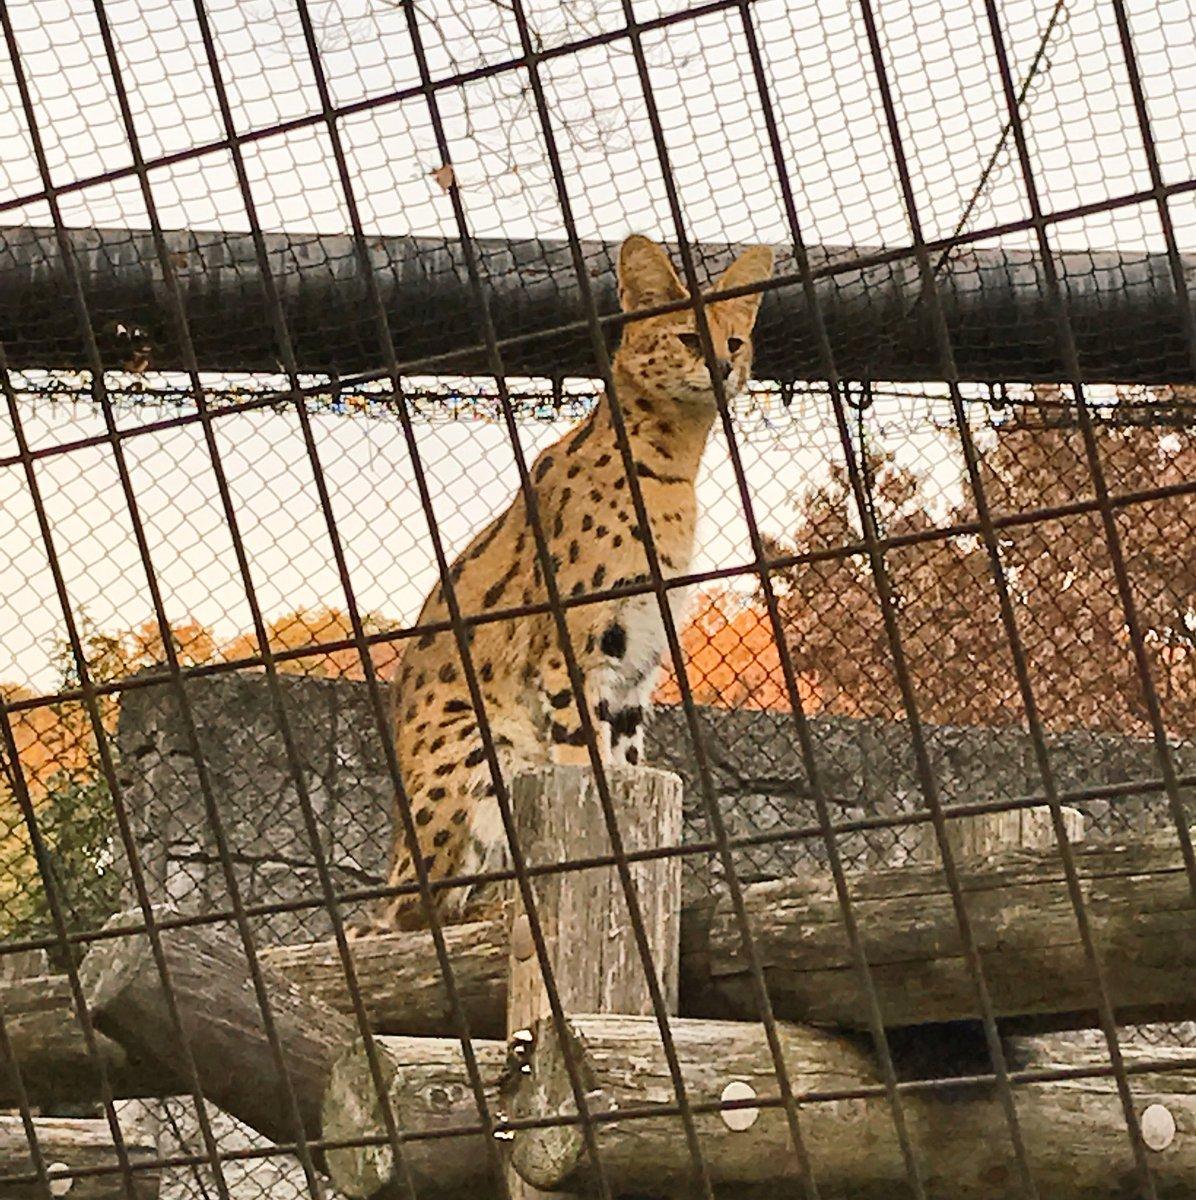 多摩動物公園のサーバルに人気者だよって伝えたいな〜🐱💕 皆んなも会いに行こー😆!! #けものフレンズ…